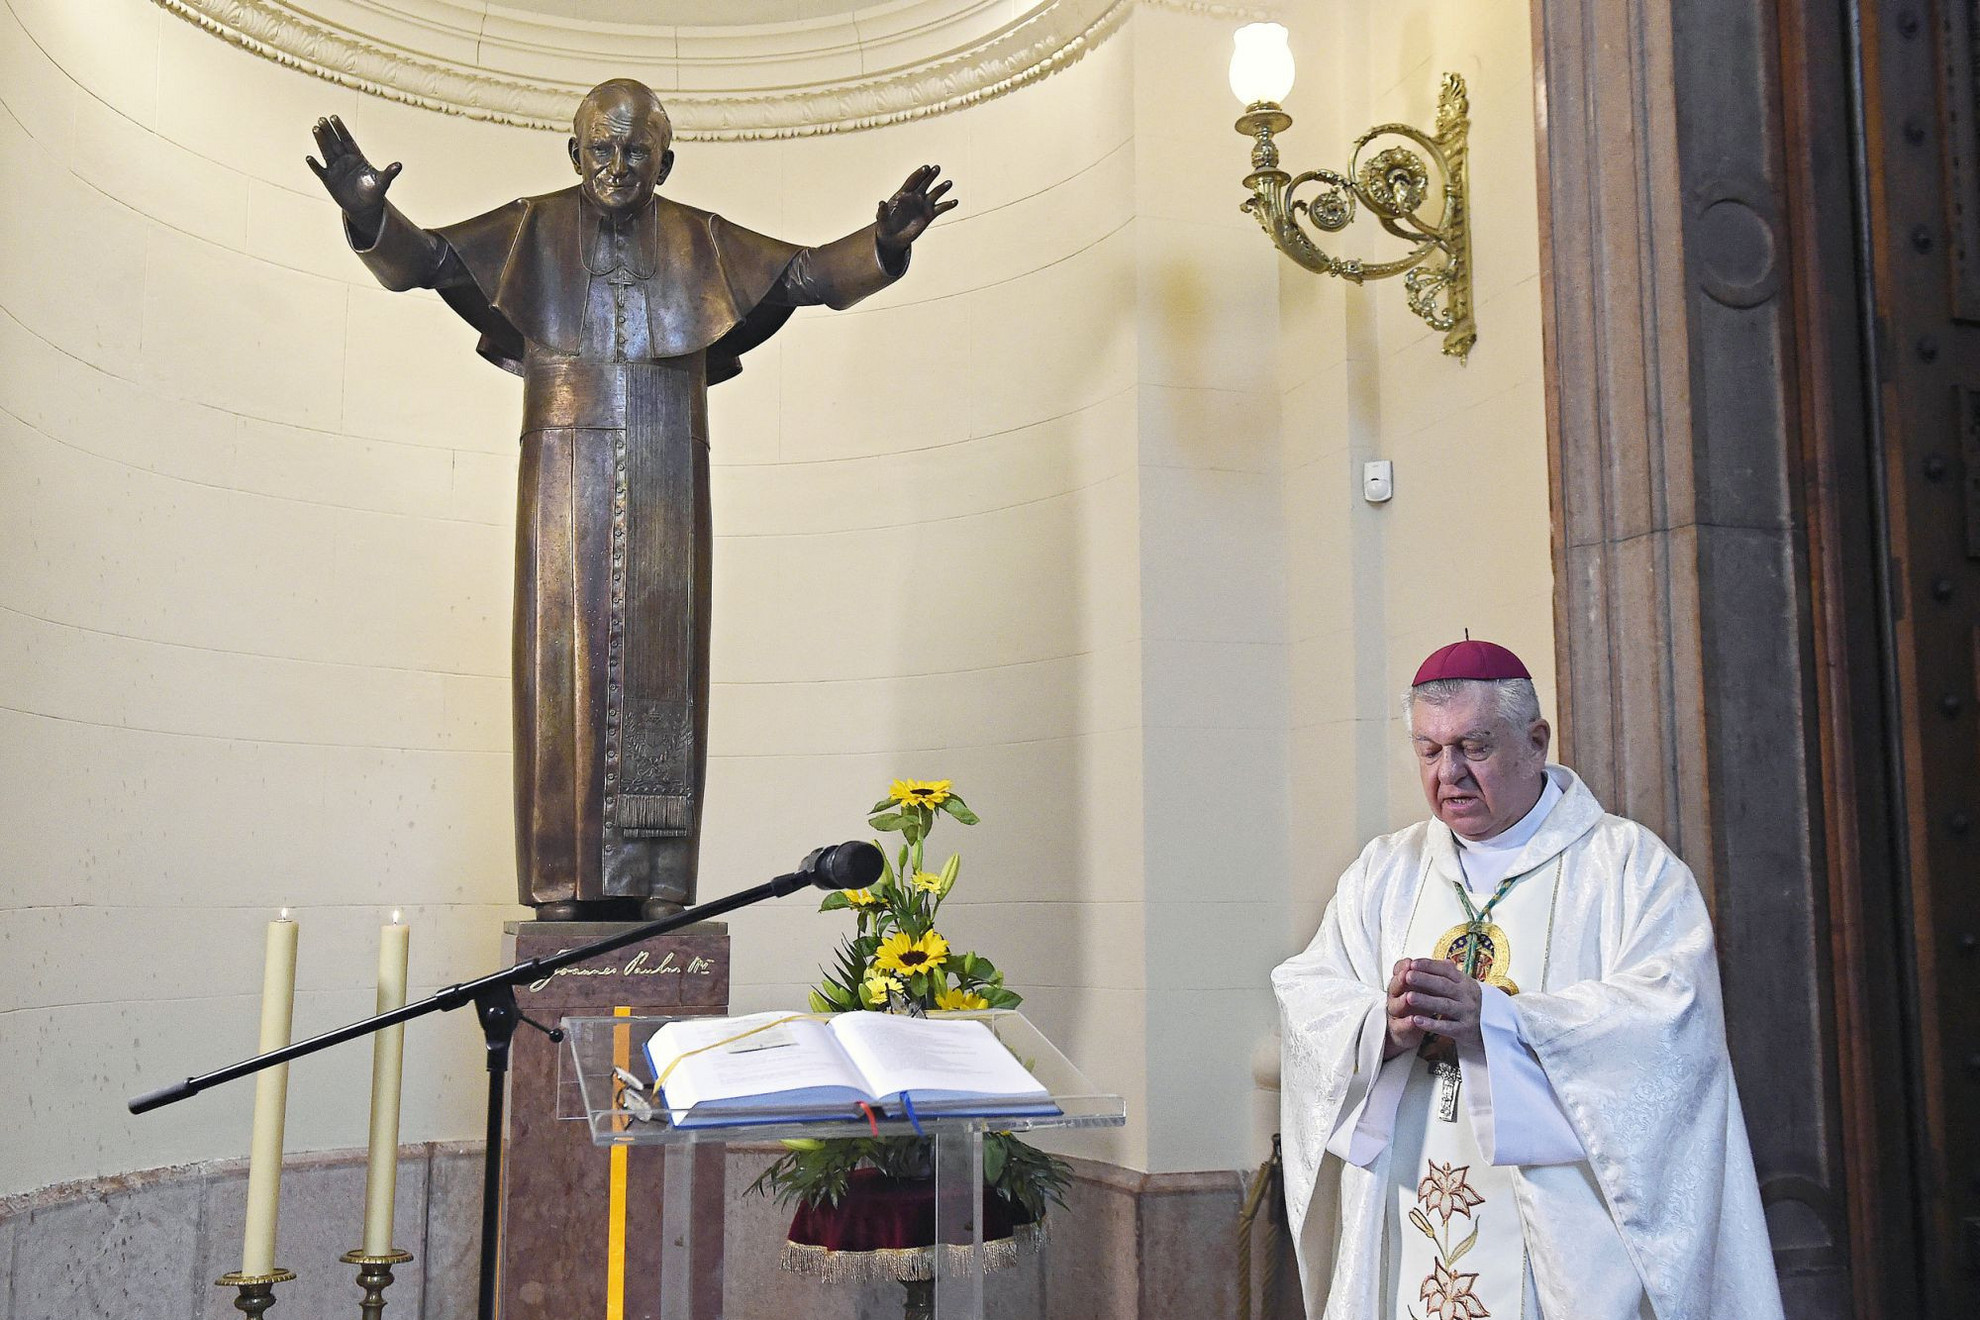 Megáldotta tegnap Szent II. János Pál pápa életnagyságú szobrát Snell György esztergom–budapesti segédpüspök, a Szent István-bazilika plébánosa (képünkön). A néhai pápa születésének századik évfordulója alkalmából felállított szobor Kotormán László és Kotormán Norbert szobrászművészek alkotása, és a főtemplom papi bejárójánál állították fel. A mű Snell György személyes ajándéka, felállításának gondolata néhány évvel ezelőtt, a volt Szent Jobb-kápolna átalakítása közben merült fel benne. Az elhelyezés koncepcióját Bukta Norbert festőművész és Galina Zoltán építész dolgozta ki. (UT)